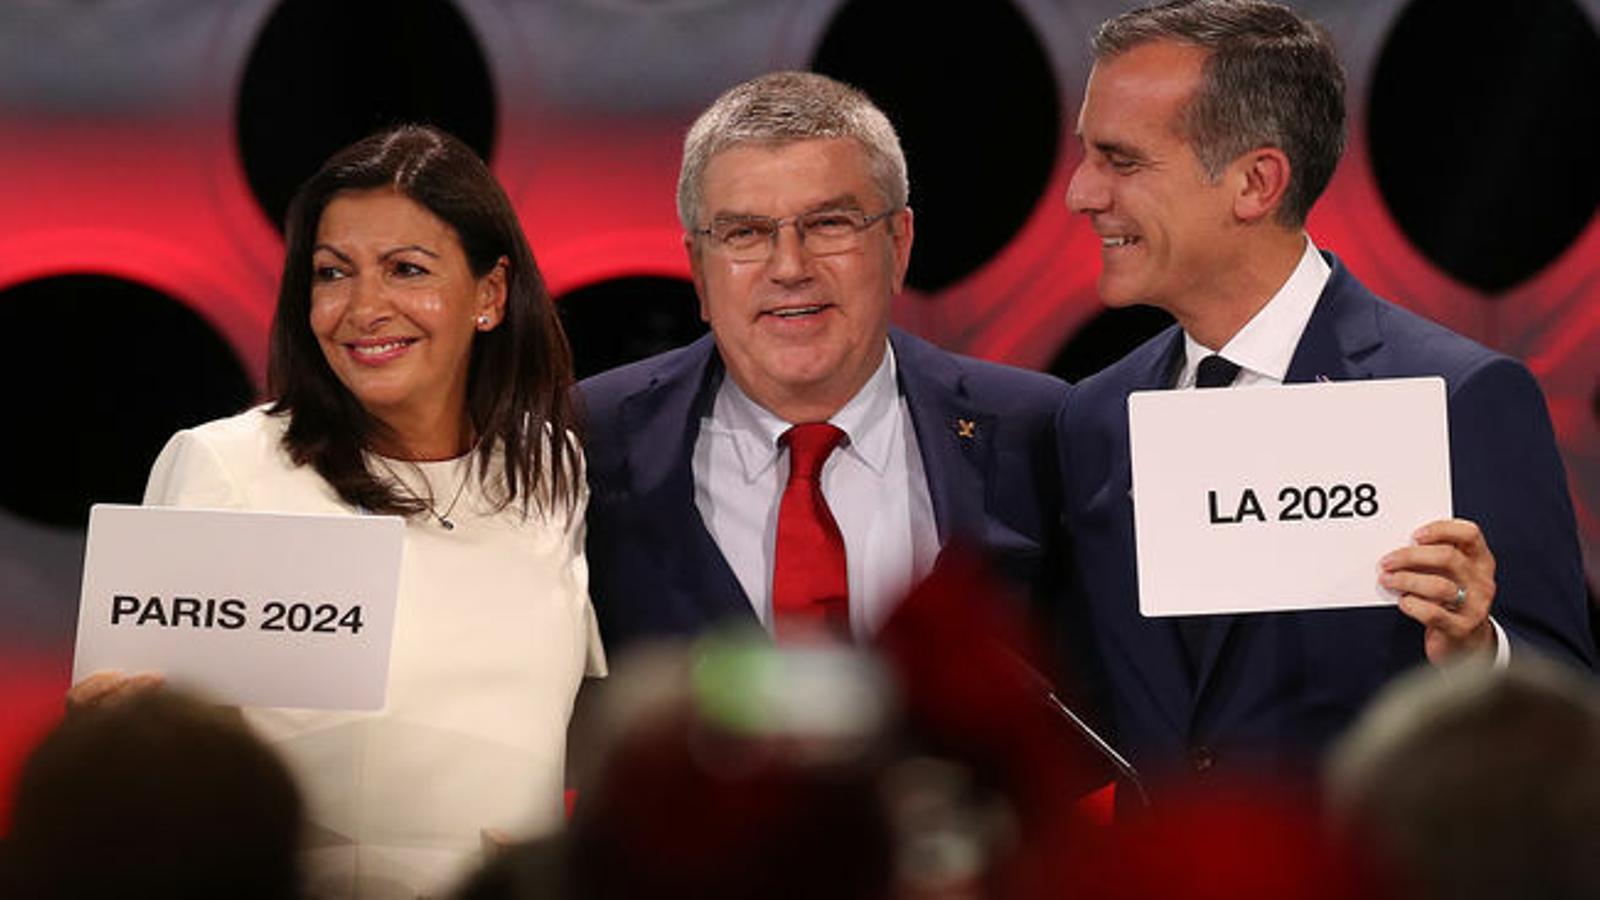 L'assemblea del Comitè Olímpic reunida a Lima el passat mes de desembre